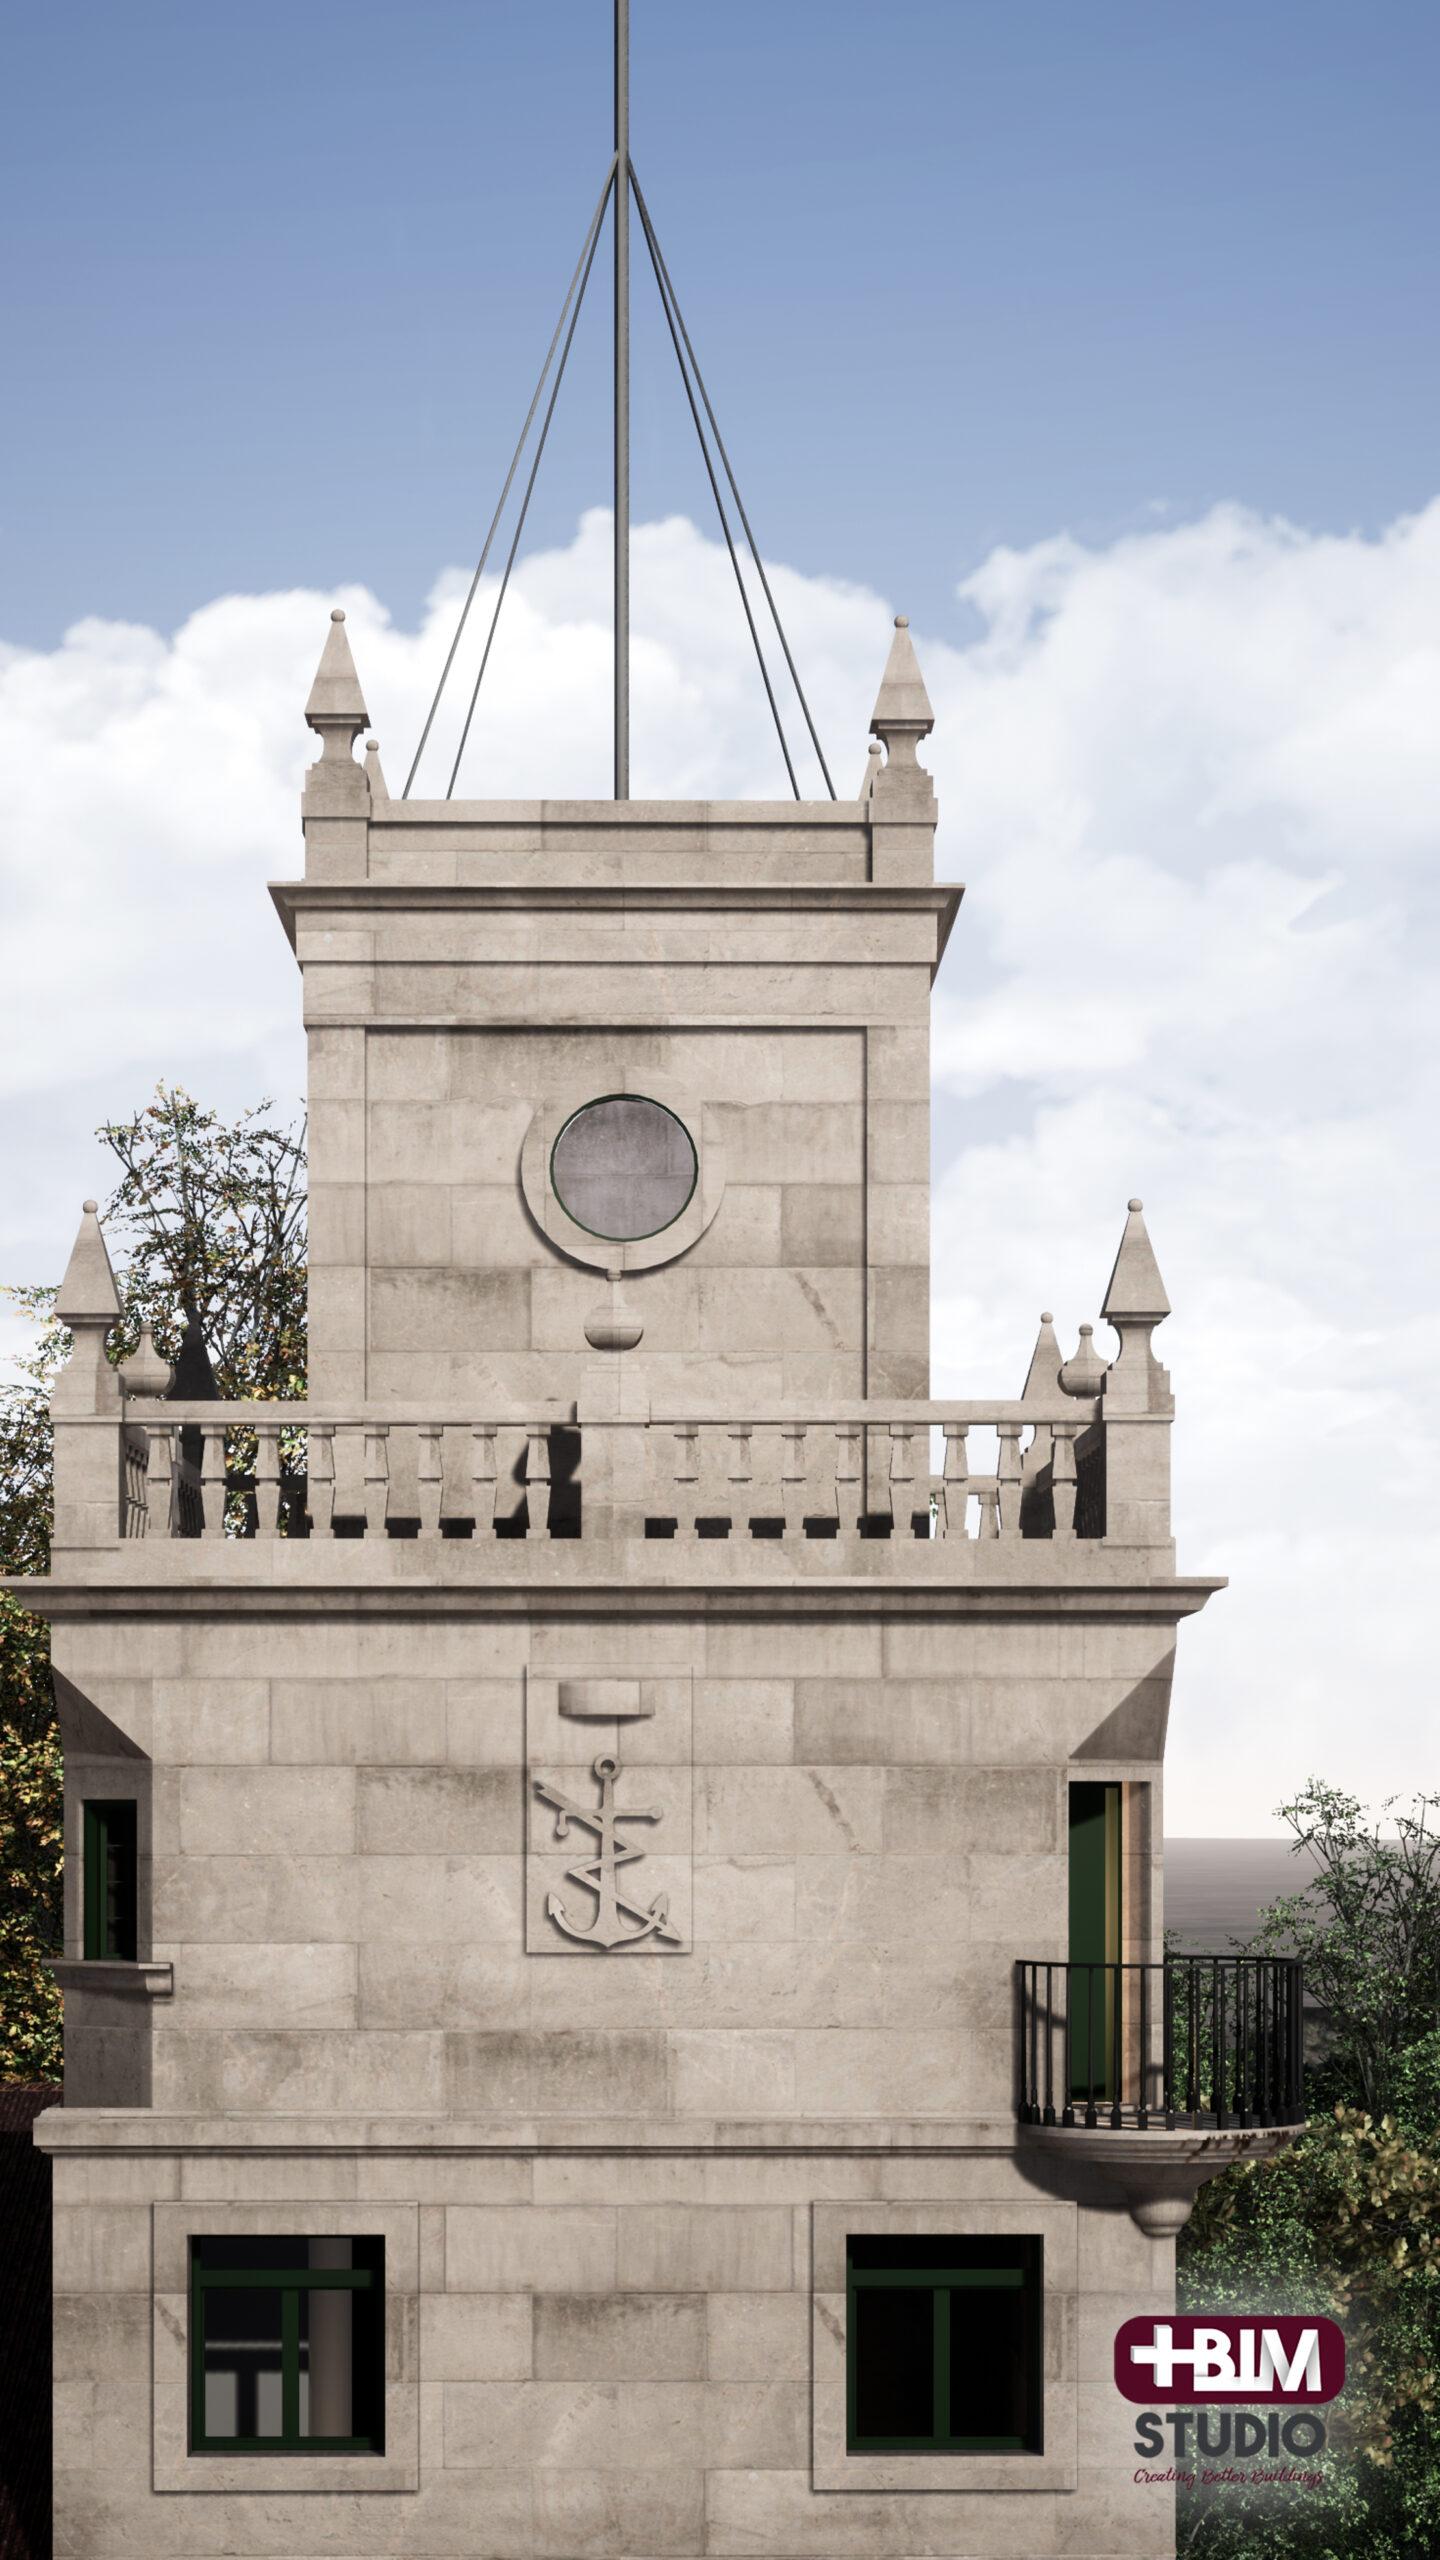 MASBIM - Faraday - Torre